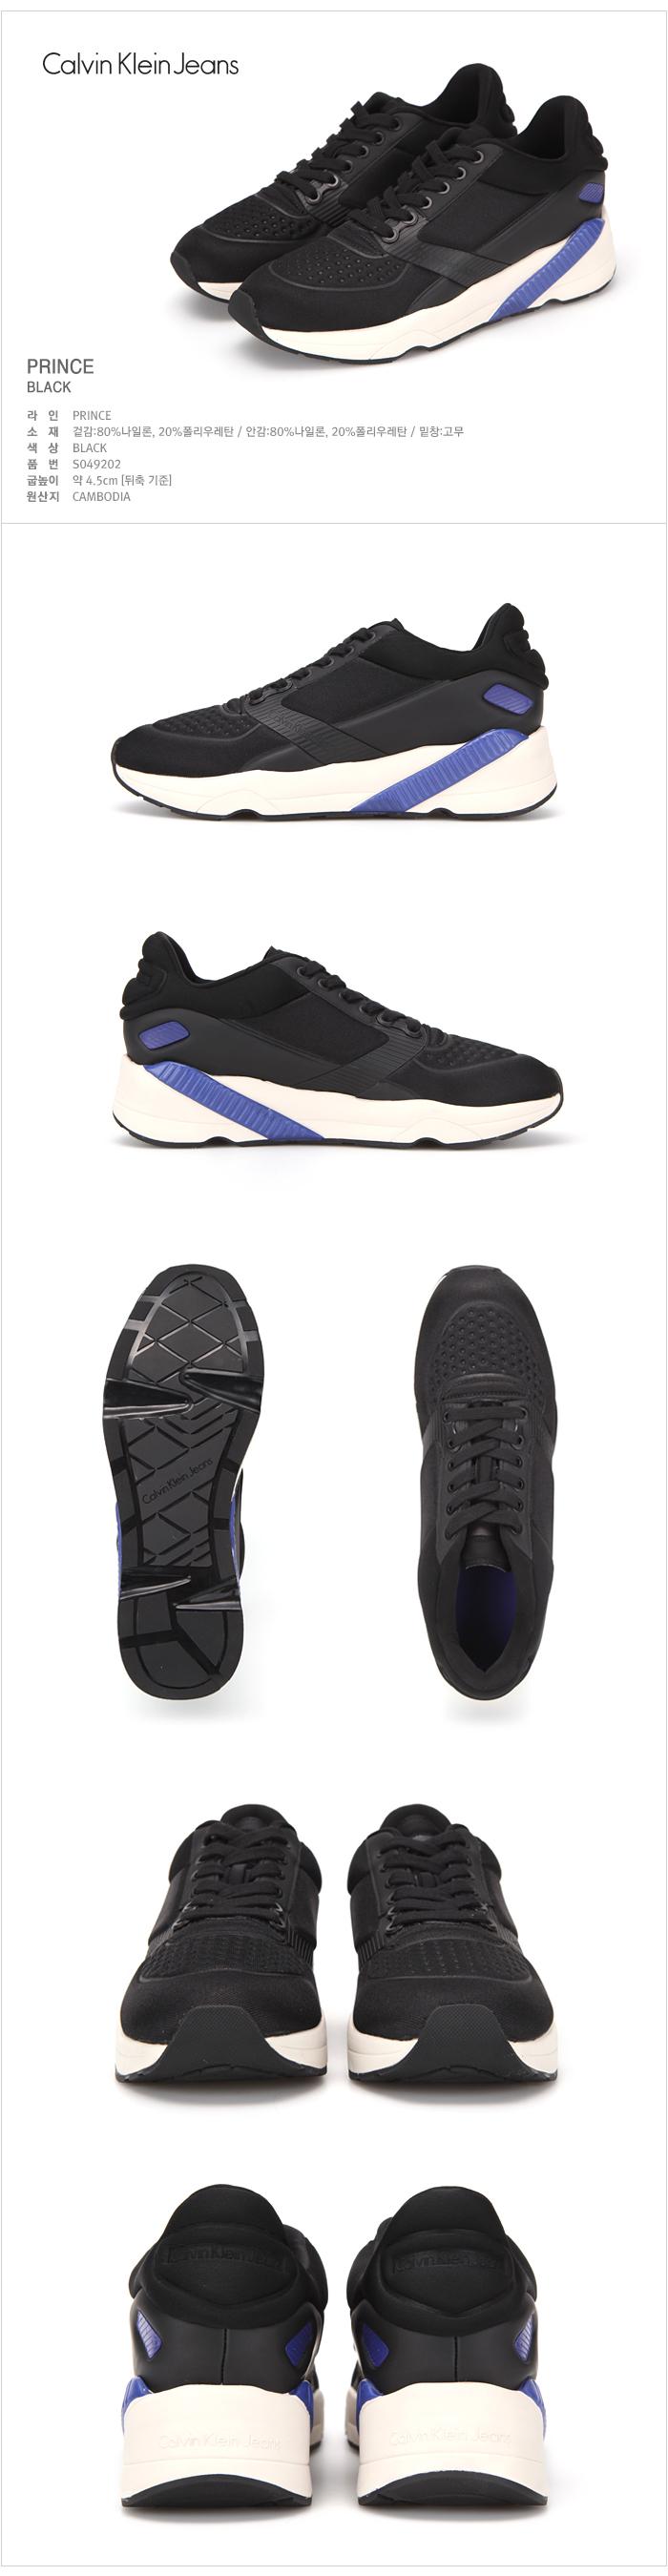 캘빈클라인진 풋웨어(CALVINKLEINJEANS FOOTWEAR) 남성 스니커즈 PRINCE BLACK S049202